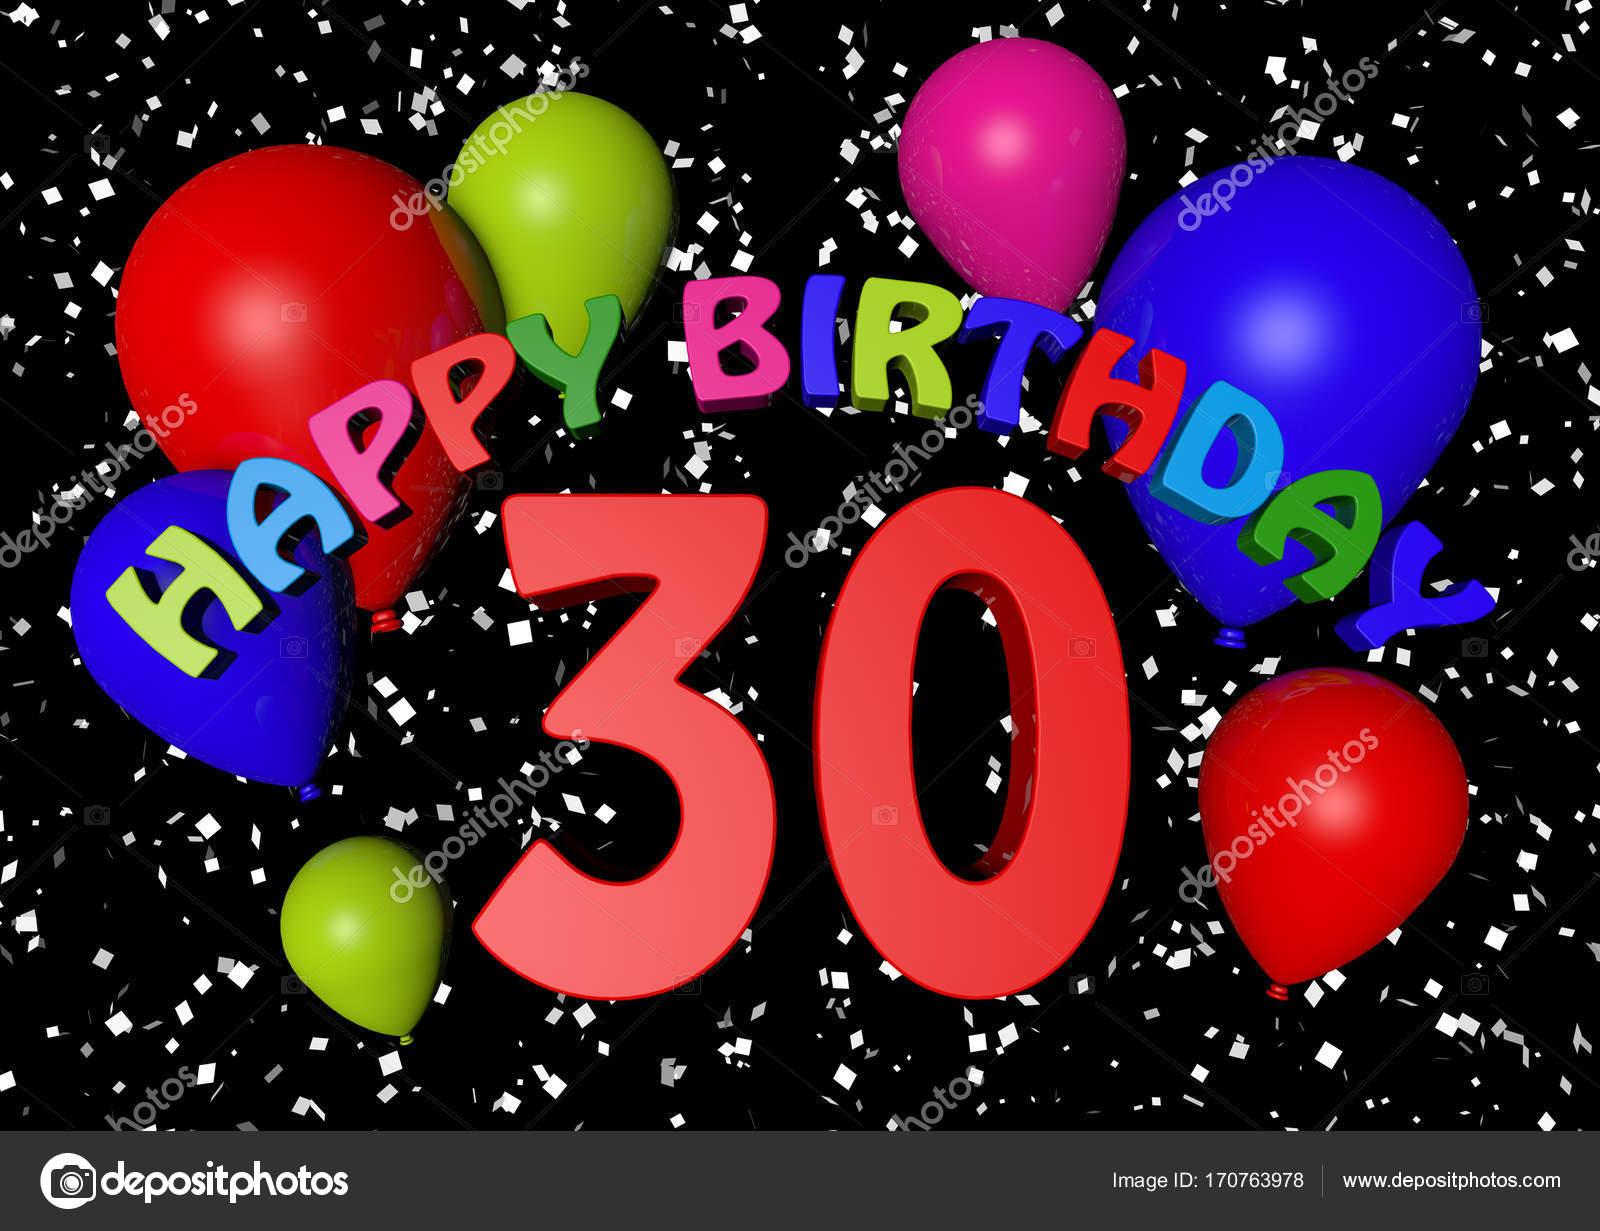 jarig 30 30 jarig bestaan met ballonnen — Stockfoto © jamesstar #170763978 jarig 30